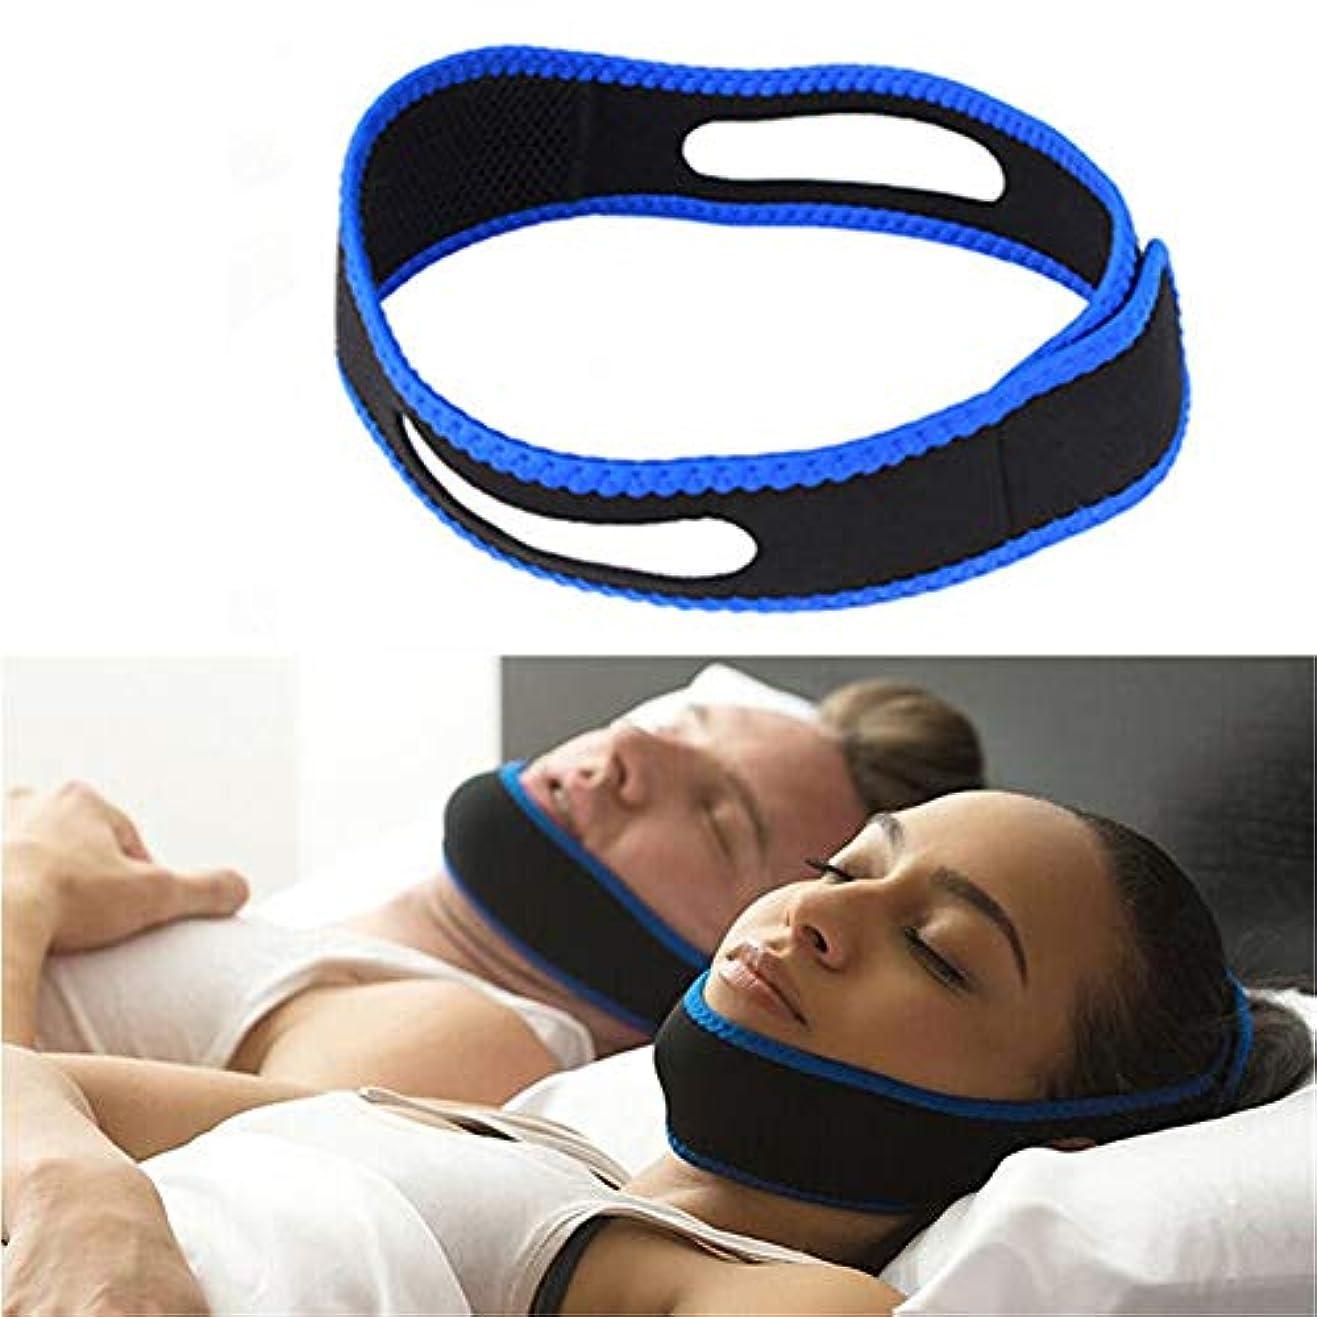 証明アライアンス四面体Angzhili いびき軽減グッズ いびき防止装置 いびき対策グッズ 睡眠補助 快眠サポーター 肌に優しい サイズ調整可能 男女兼用